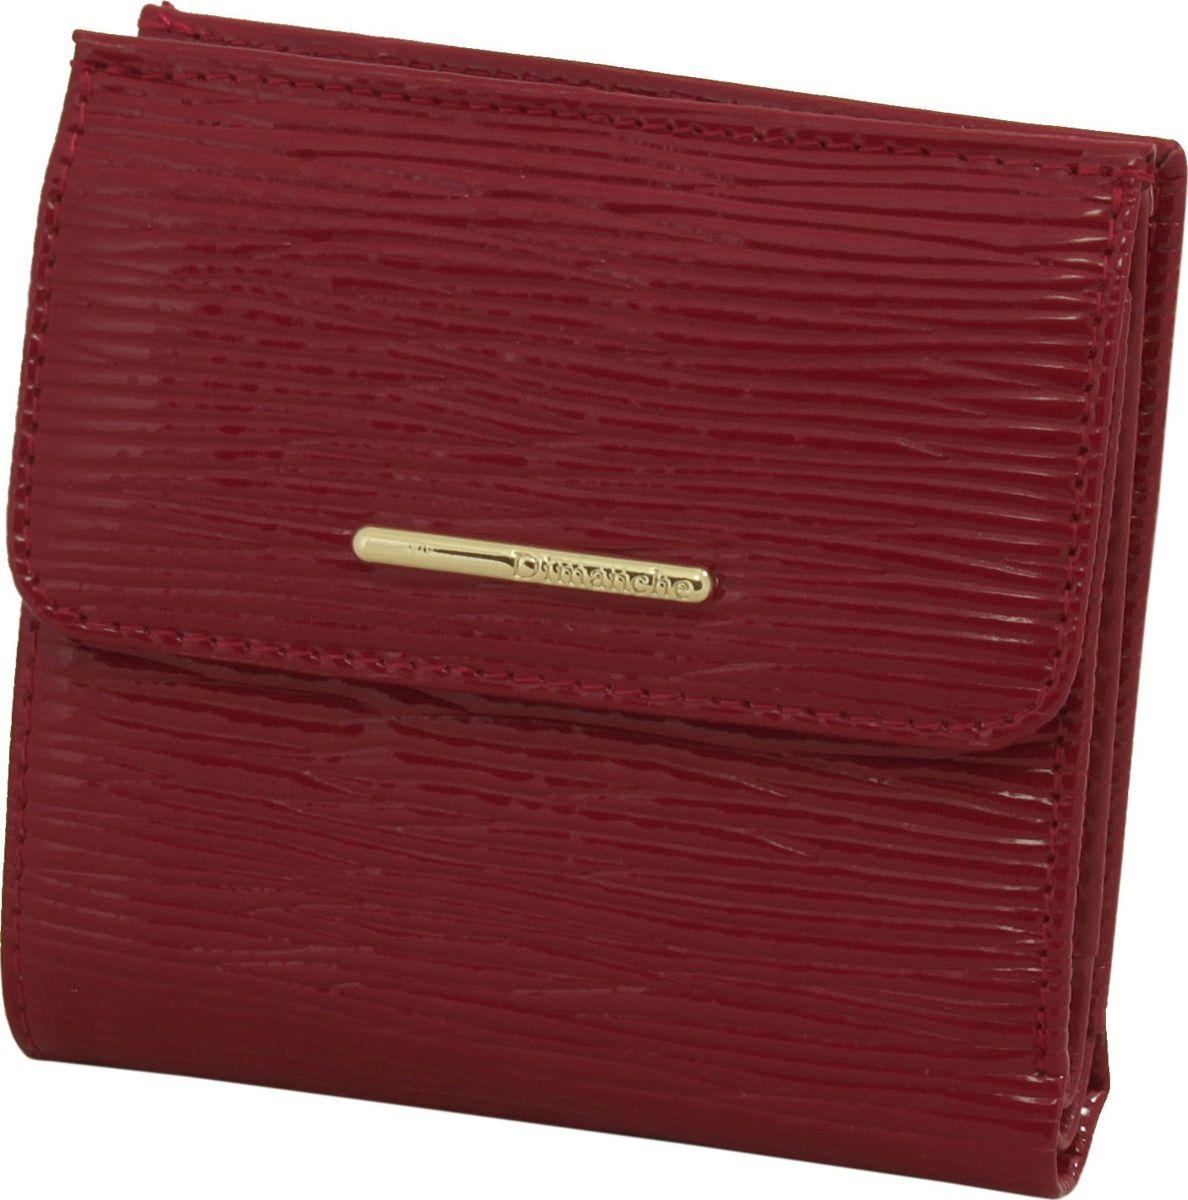 Кошелек женский Dimanche Найс, цвет: темно-красный. 142W16-11135_914Кошелек Dimanche выполнен из натуральной лаковой кожи с декоративным тиснением и оформлен металлической пластинкой с названием бренда. На лицевой стороне расположен объемный карман для мелочи, который закрывается клапаном с кнопкой. Внутри расположено два открытых кармана для купюр, карман для купюр на молнии, два кармана для кредиток, карман для sim-карты, карман с пластиковым окошком для документов и два вертикальных кармана. Изделие закрывается на кнопку.